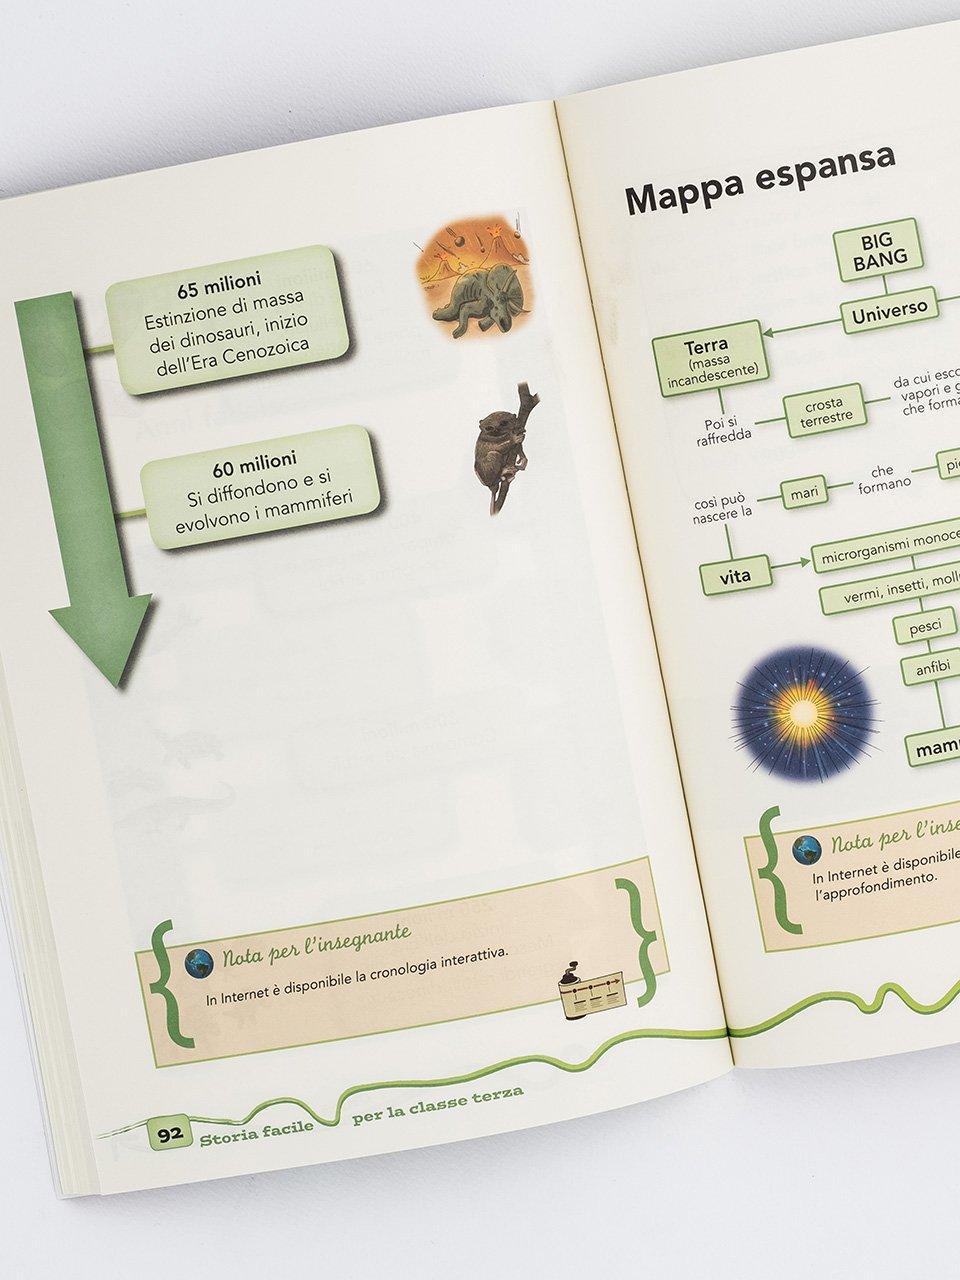 Storia facile per la classe terza - Libri - App e software - Erickson 2